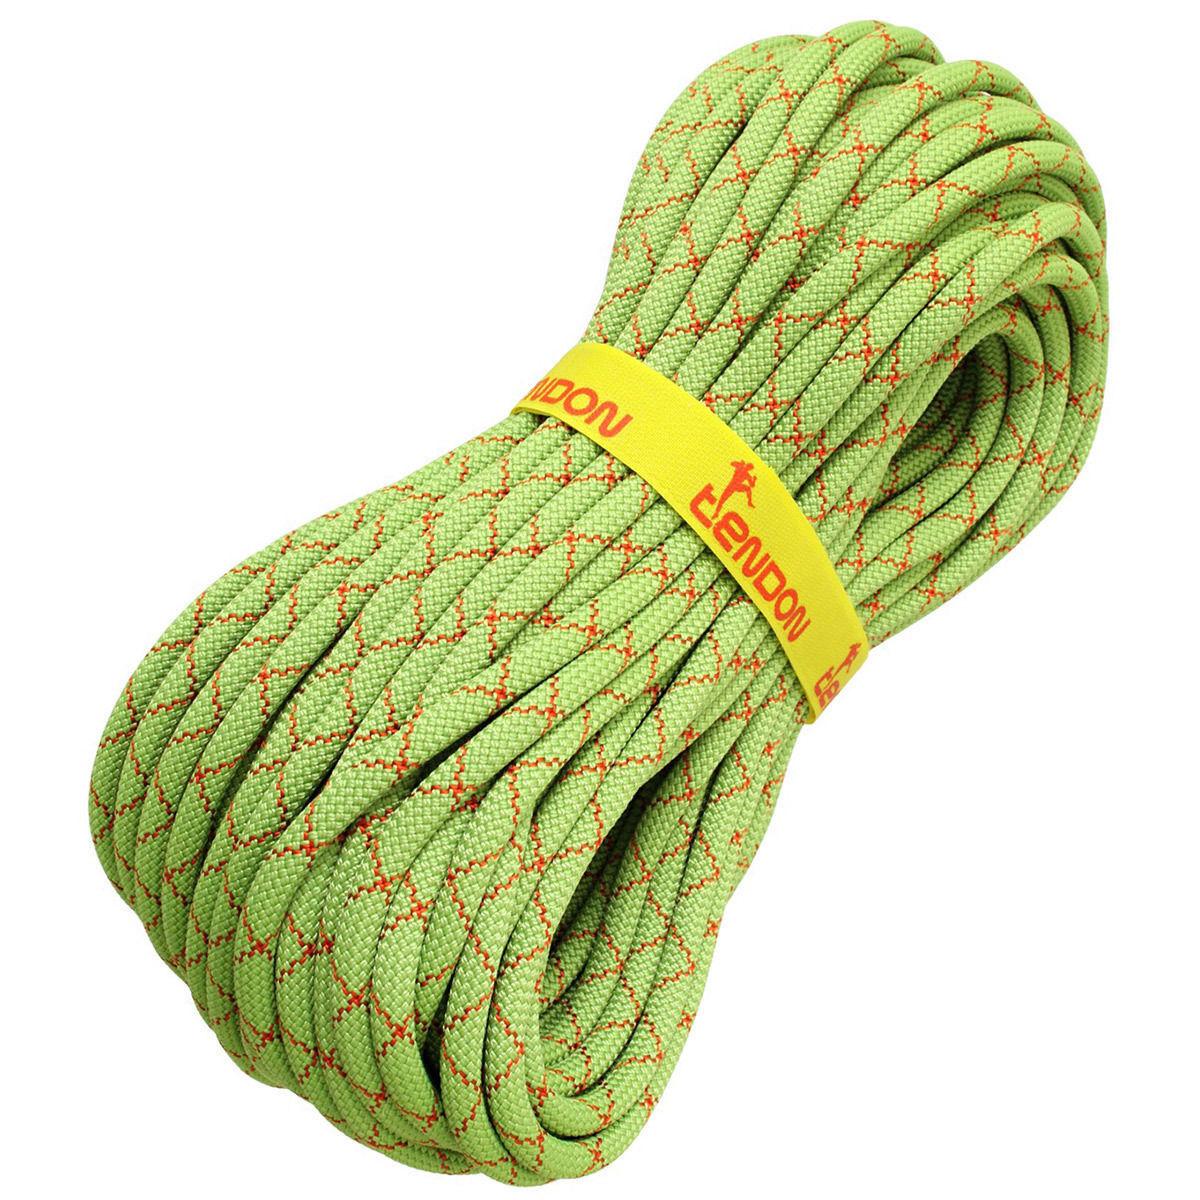 Tendon Smart Lite Lite Lite 9,8 mm 80 m grün Kletterseil Hallenseil Klettern Bergsteigen  | Zuverlässiger Ruf  | Niedriger Preis  aa7adc